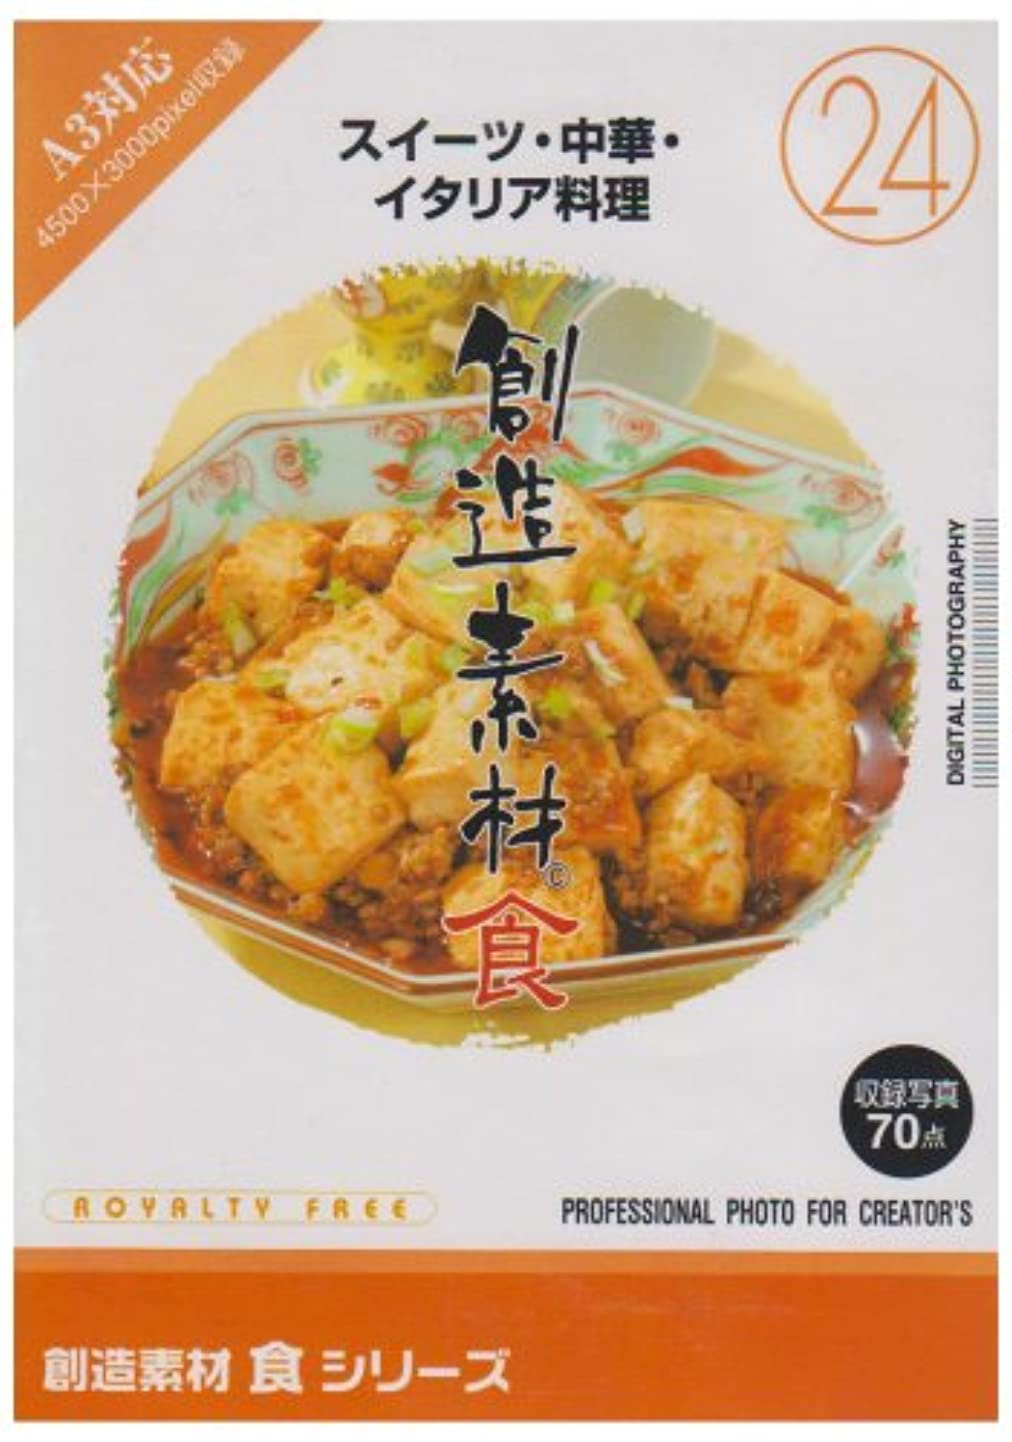 局子音データ創造素材 食(24) スイーツ?中華?イタリア料理